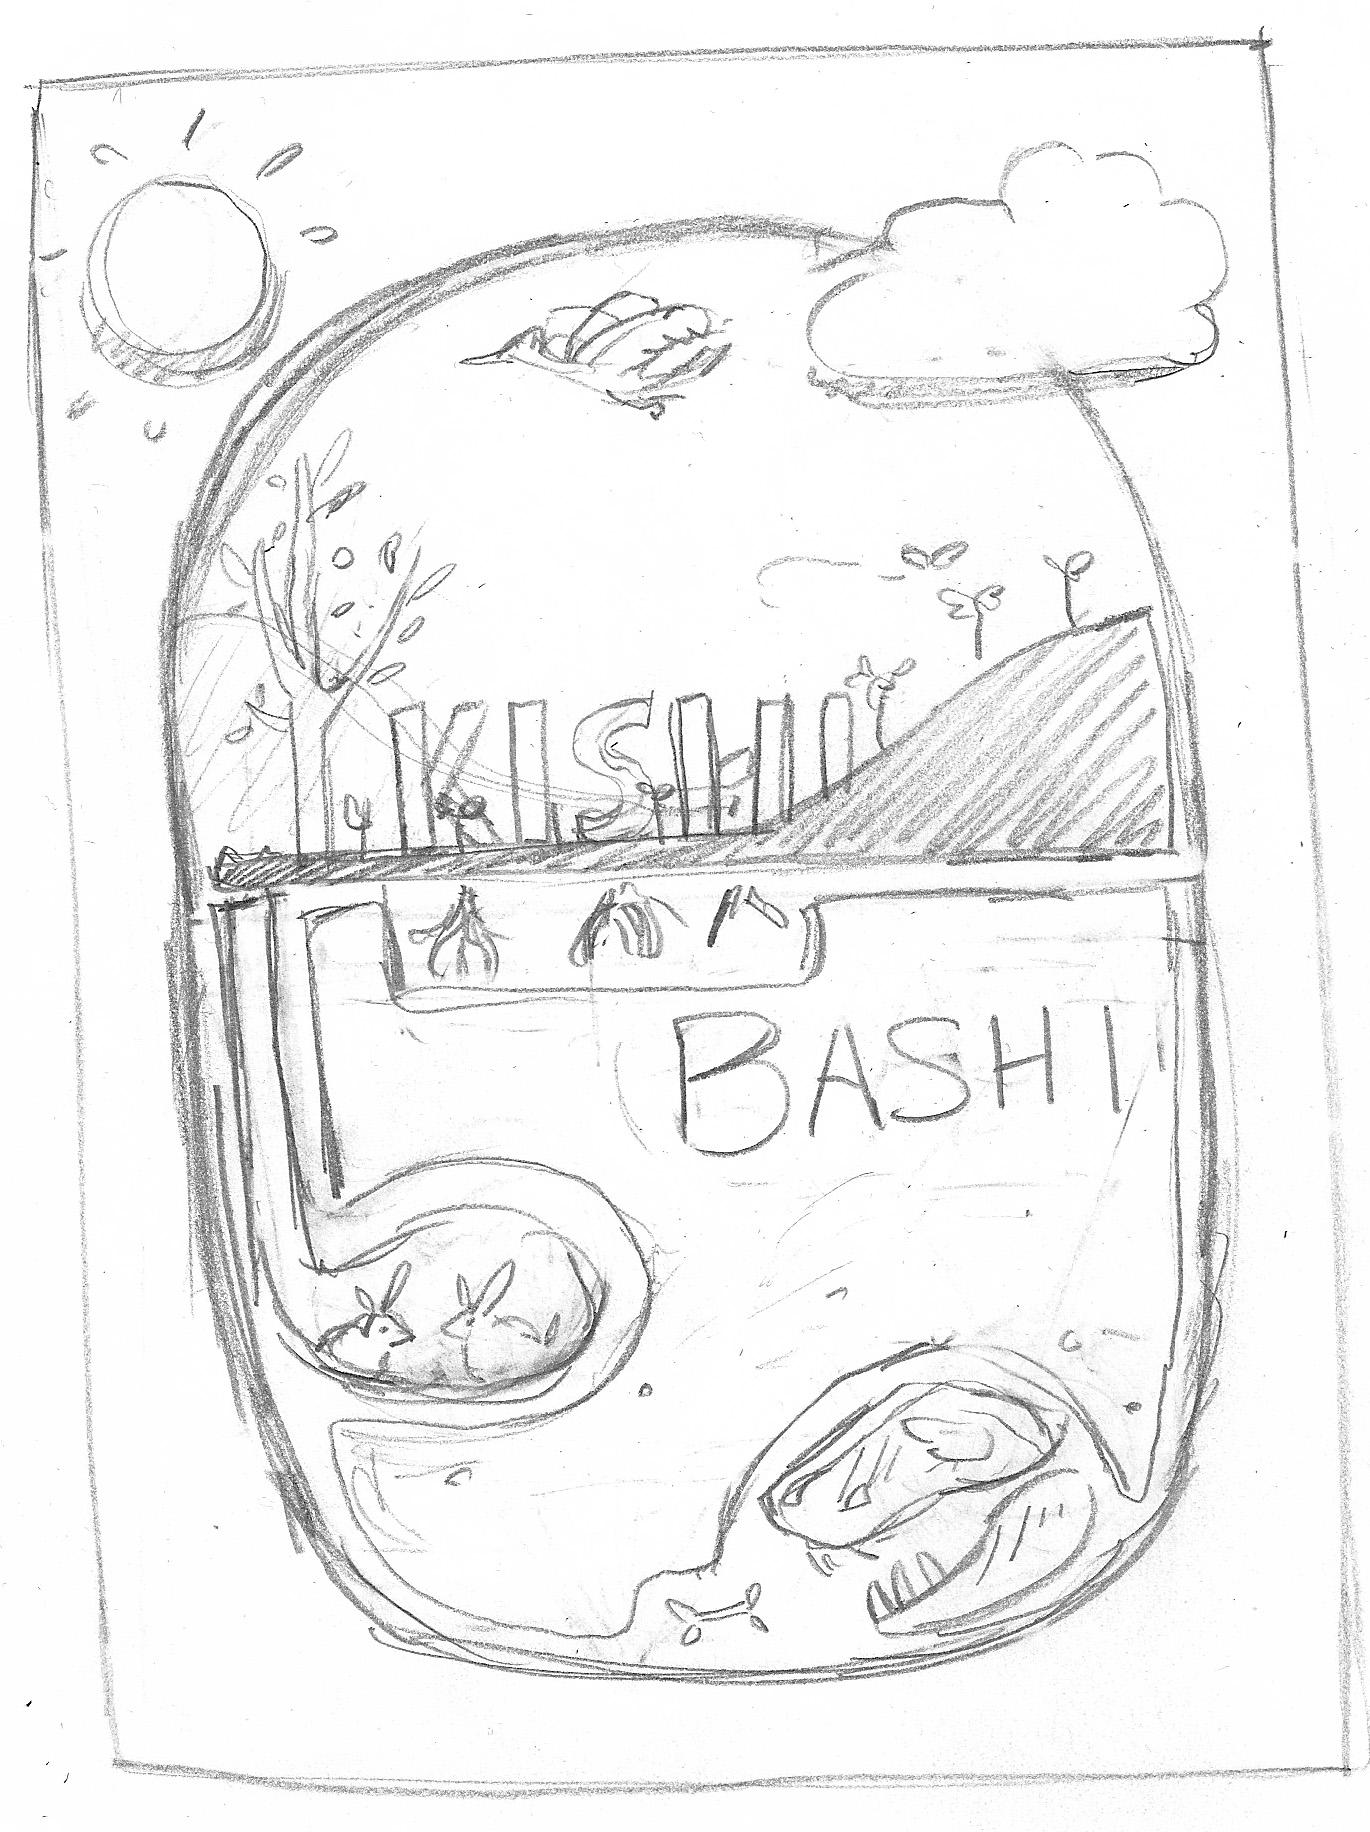 Kishi Bashi - image 13 - student project